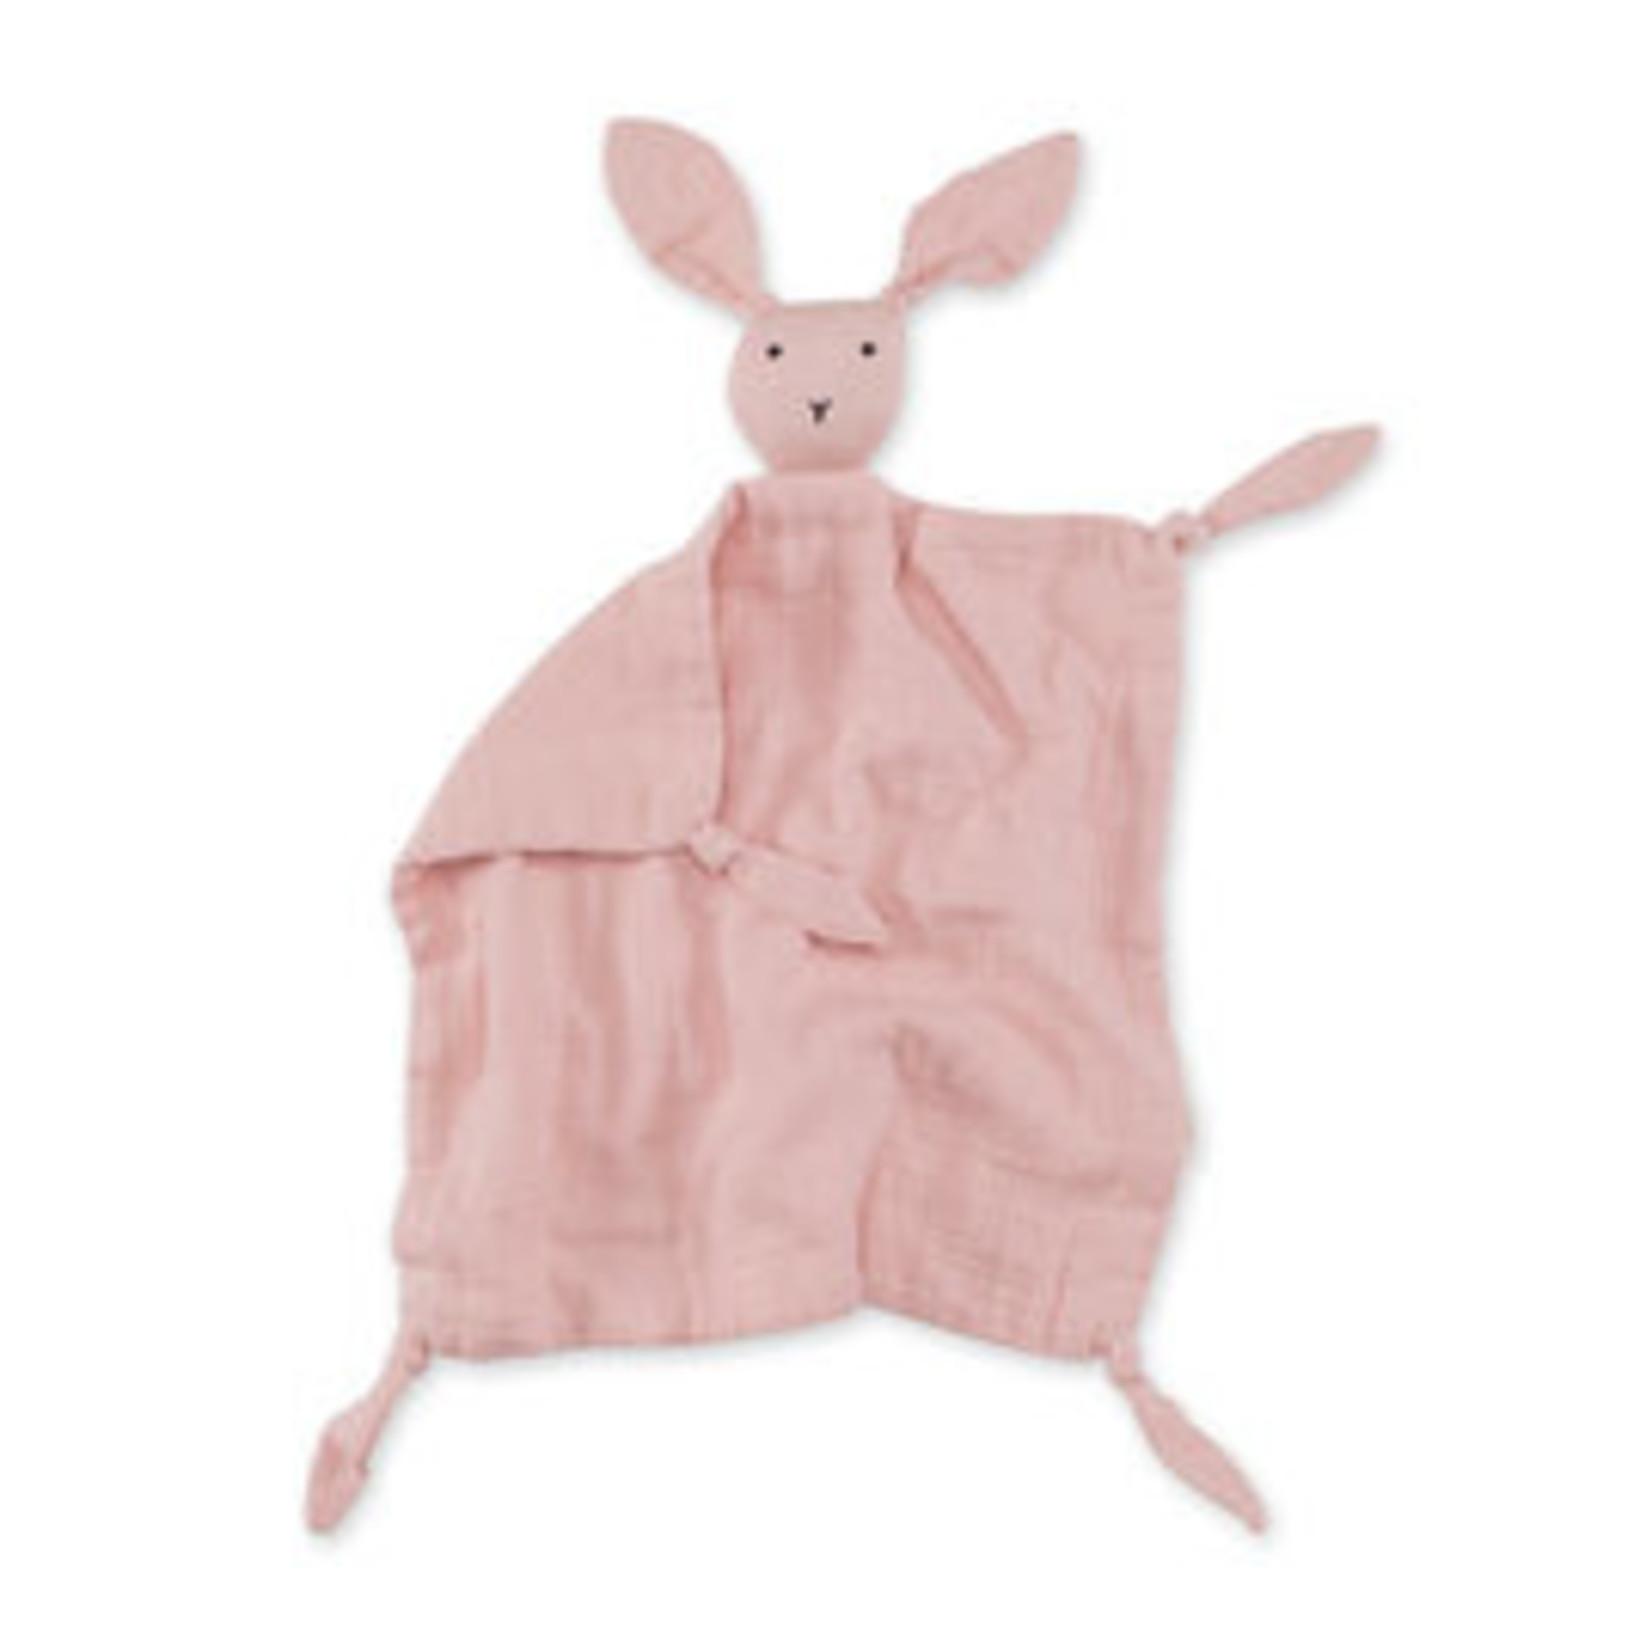 Bemini Bemini Knuffeldoek Bunny Puppet Blush